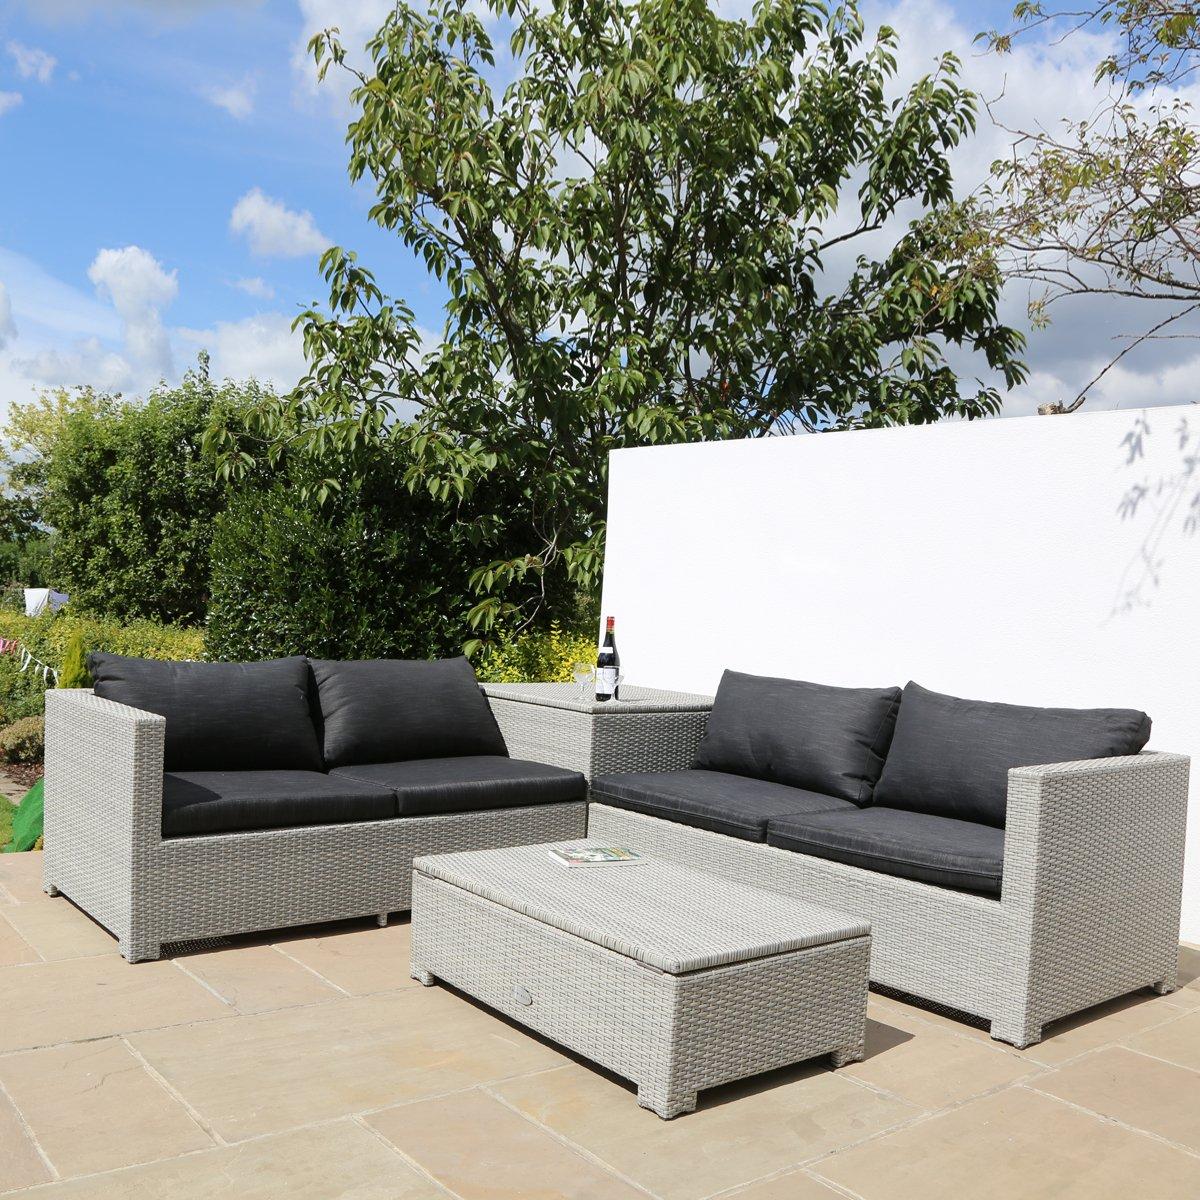 vier sitzer rattan garten sofa set mit beistelltisch und aufbewahrungsboxen g nstig. Black Bedroom Furniture Sets. Home Design Ideas